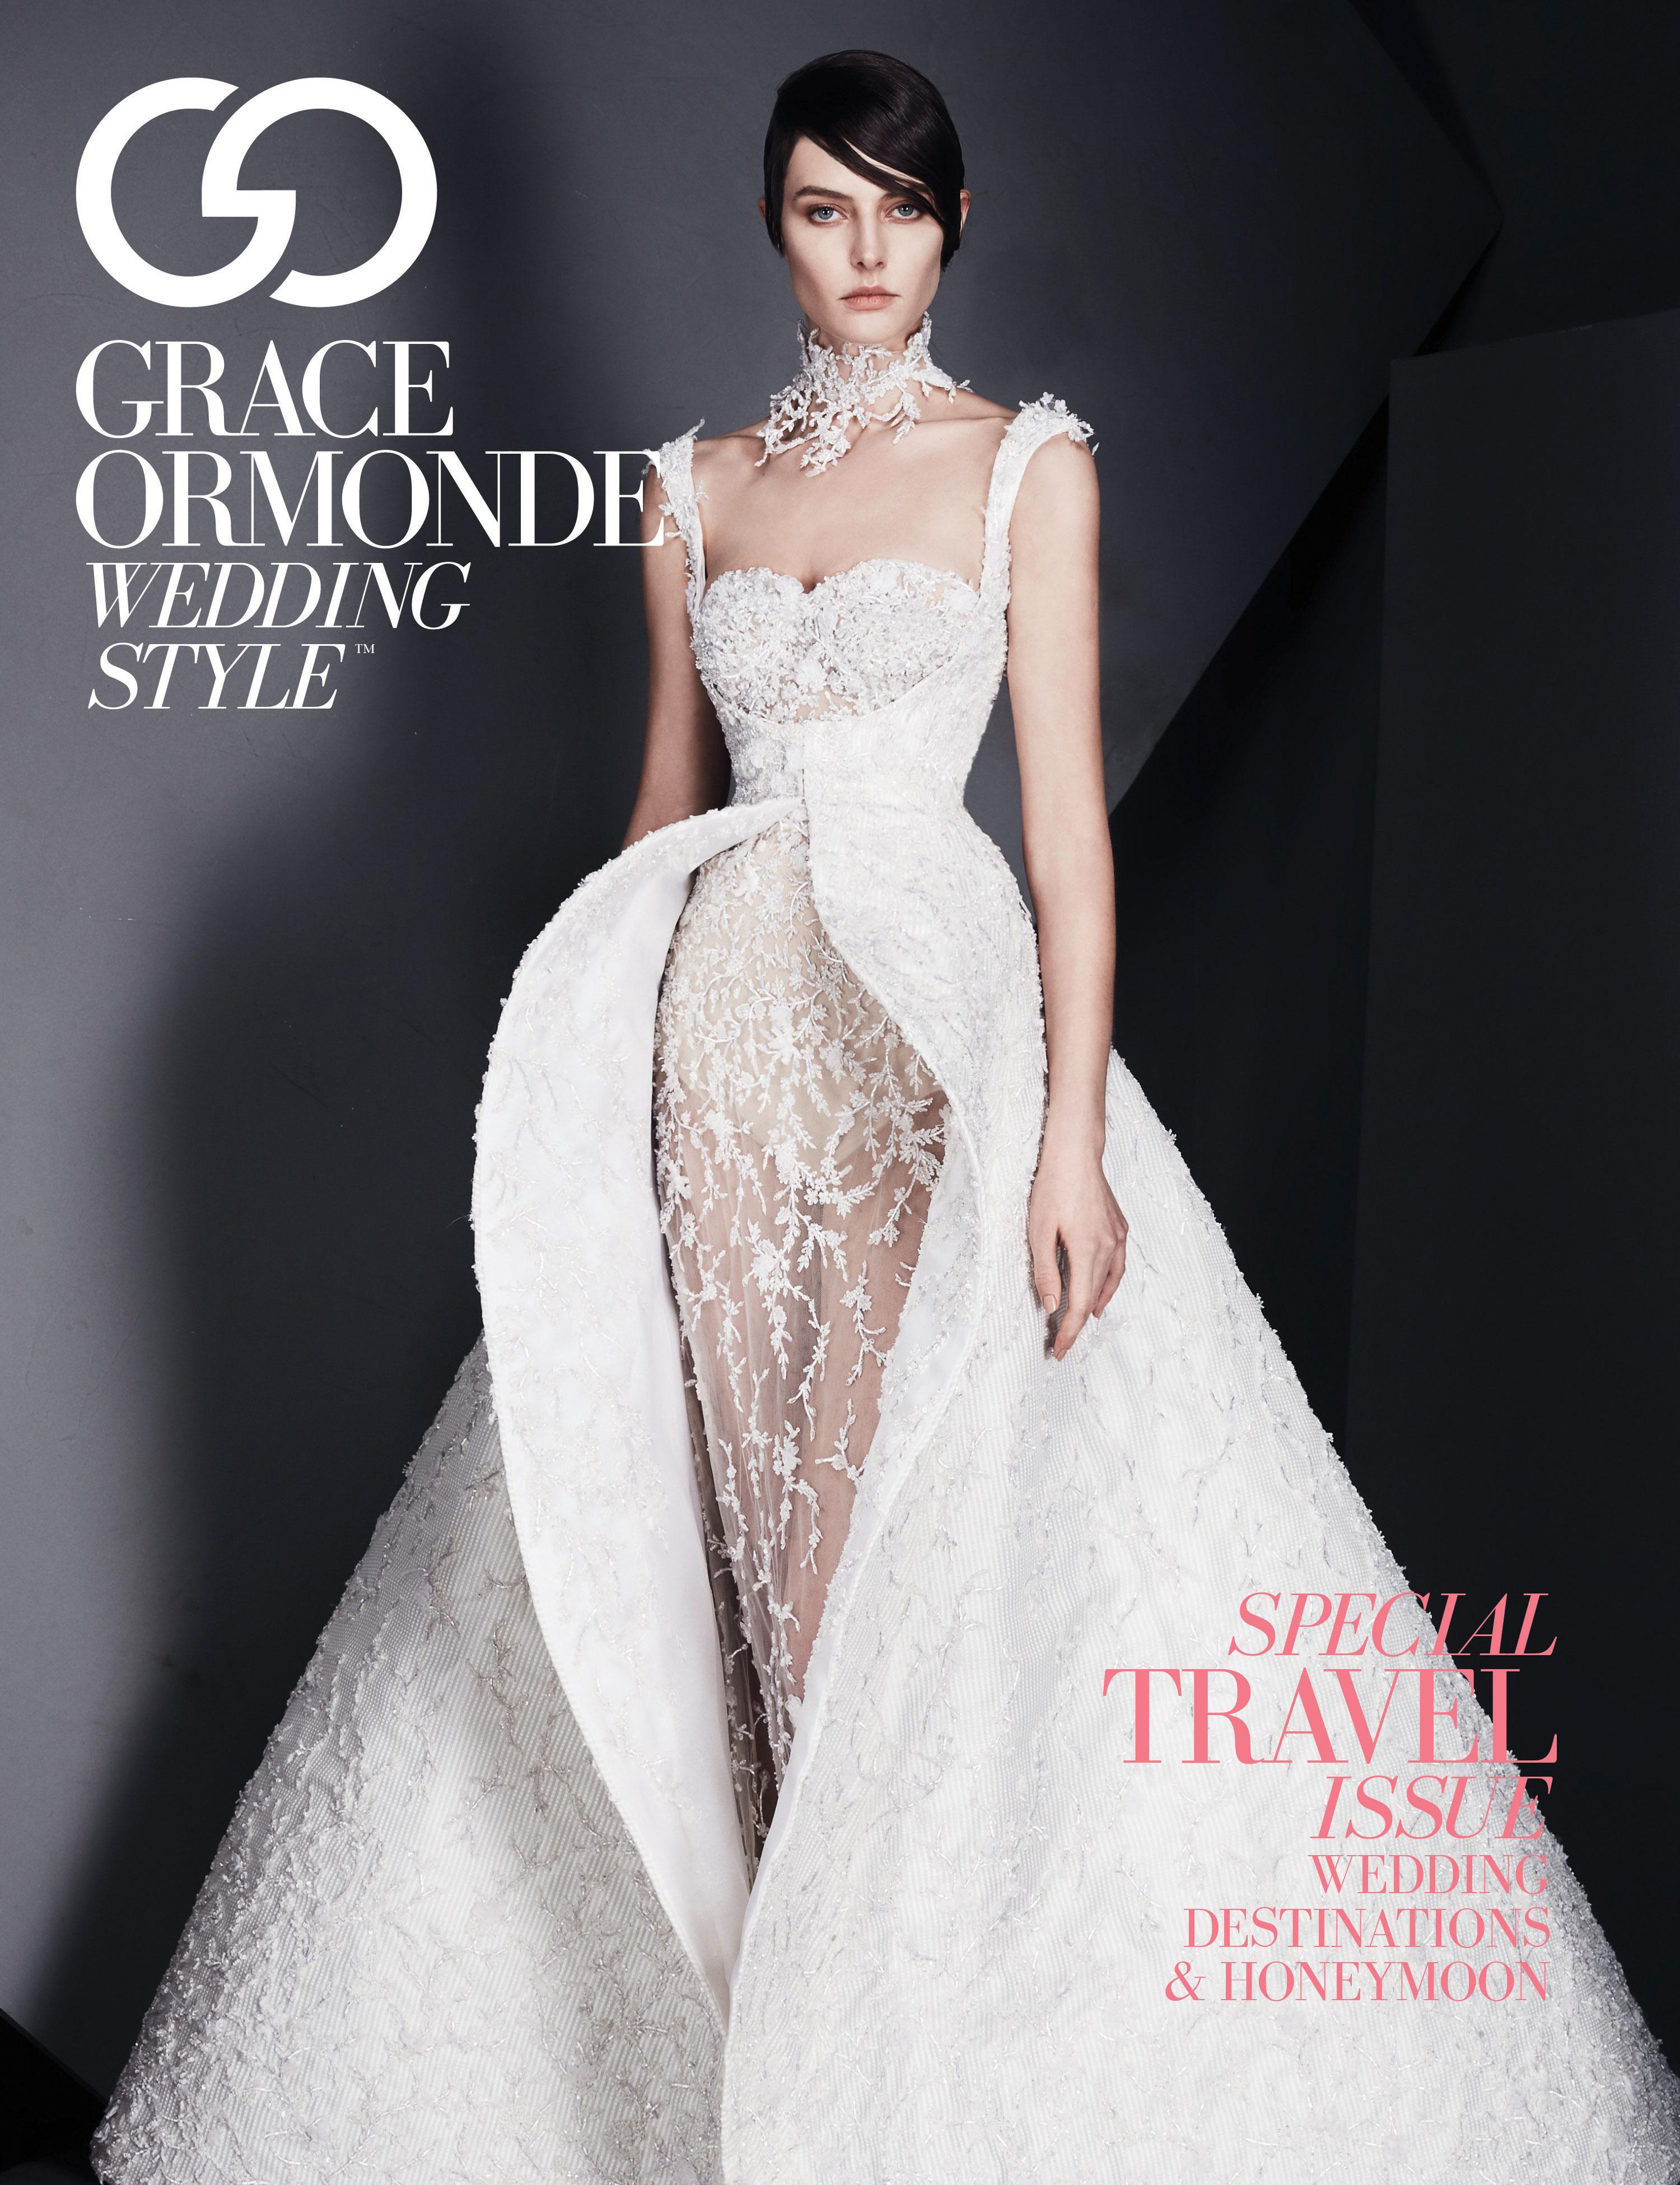 Lourdes Milian Featured in Grace Ormonde Wedding Style Magazine: Summer 2017 Issue